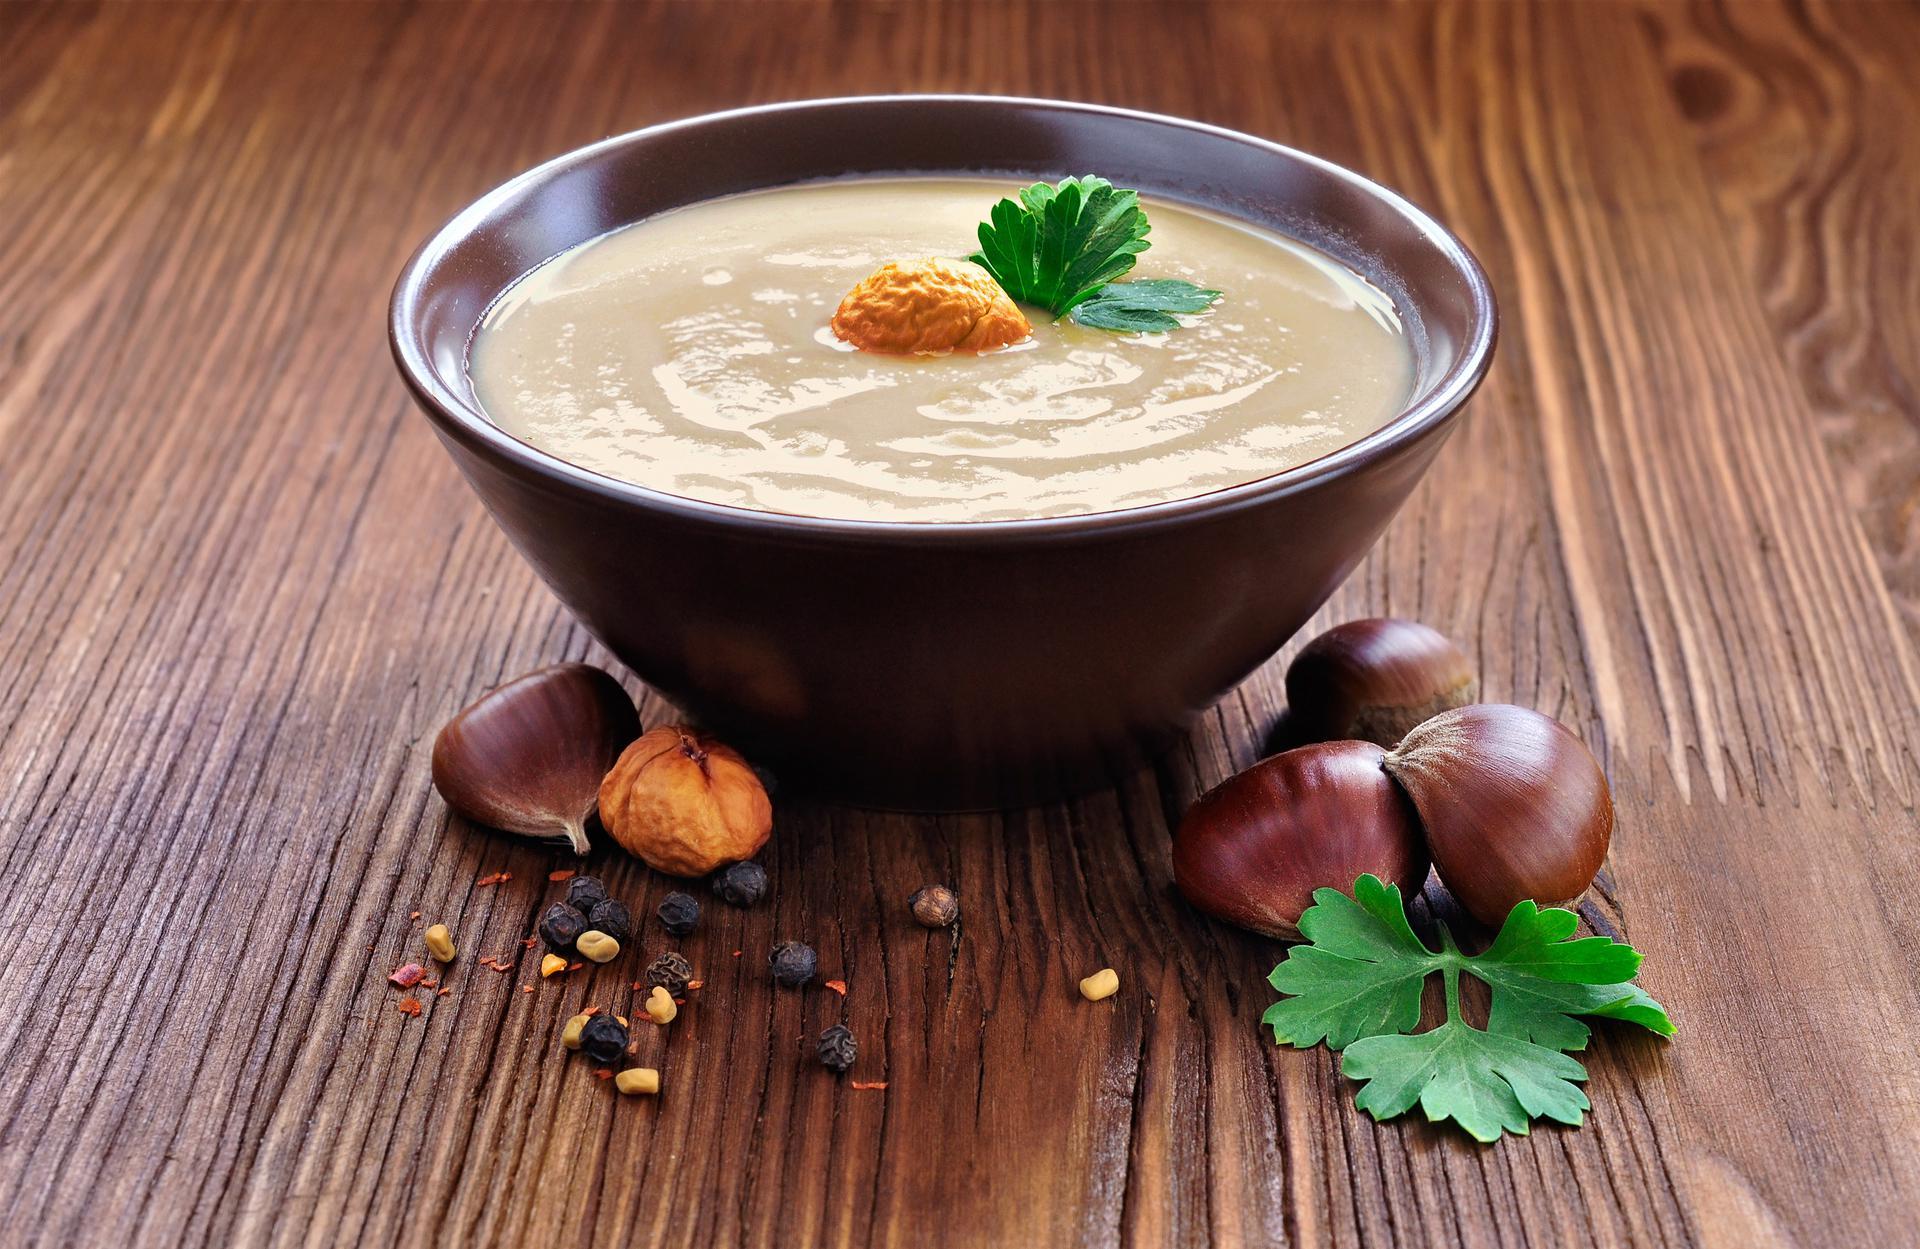 Dieta Zupowa Czyli Jedz Zupy I Chudnij Poradnikzdrowie Pl